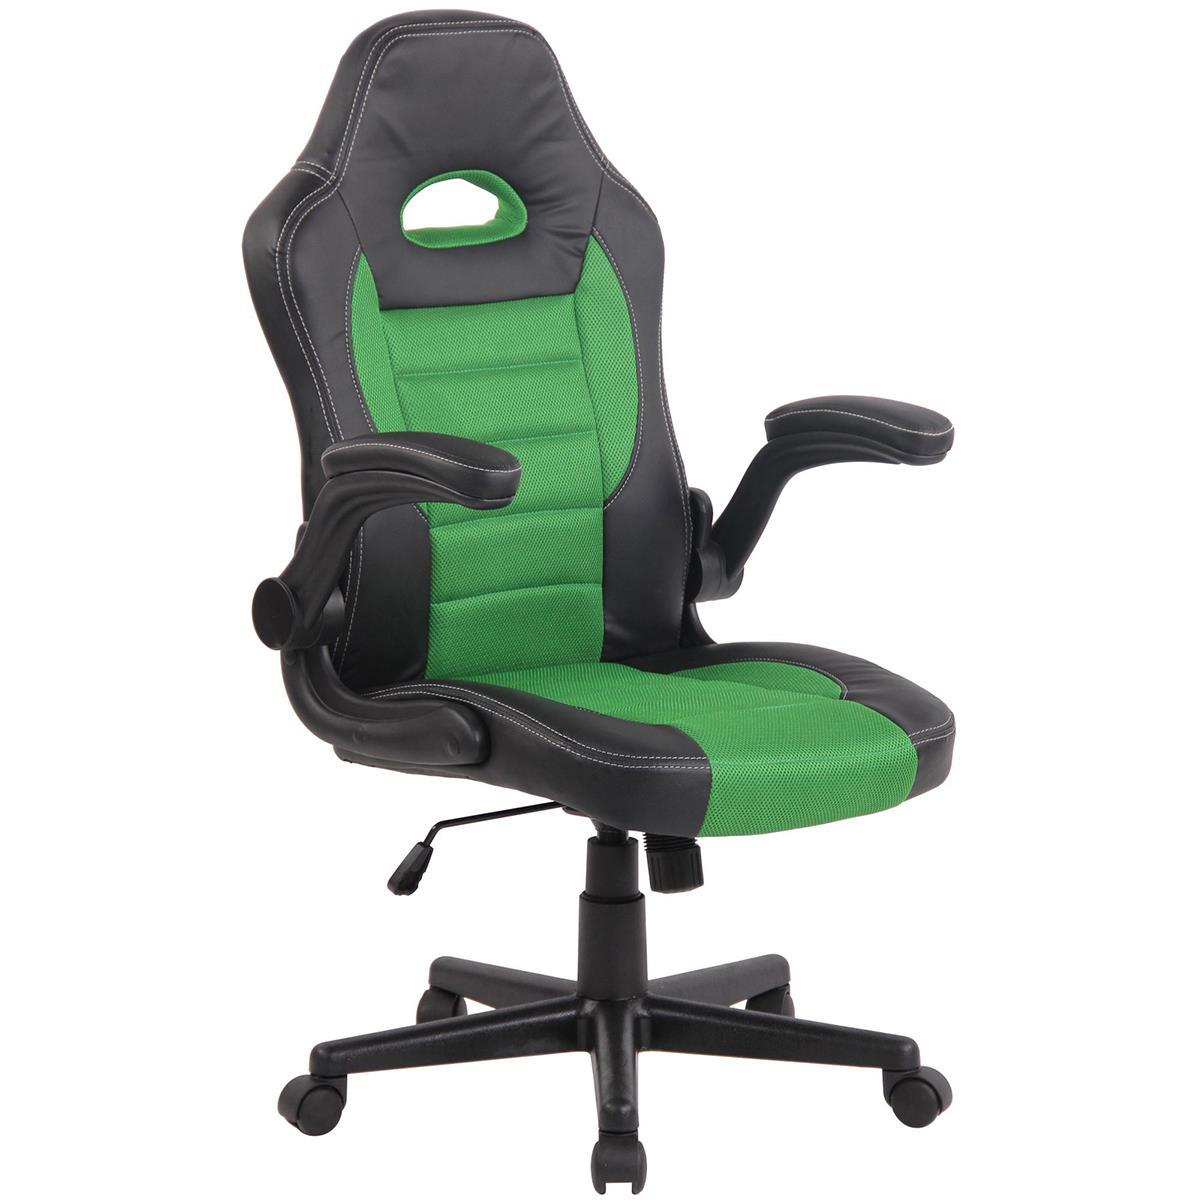 elegant sedia gaming per pc modello lotus braccioli abbattibili in pelle e tessuto a rete traspirante colore verde with sedia ergonomica pc